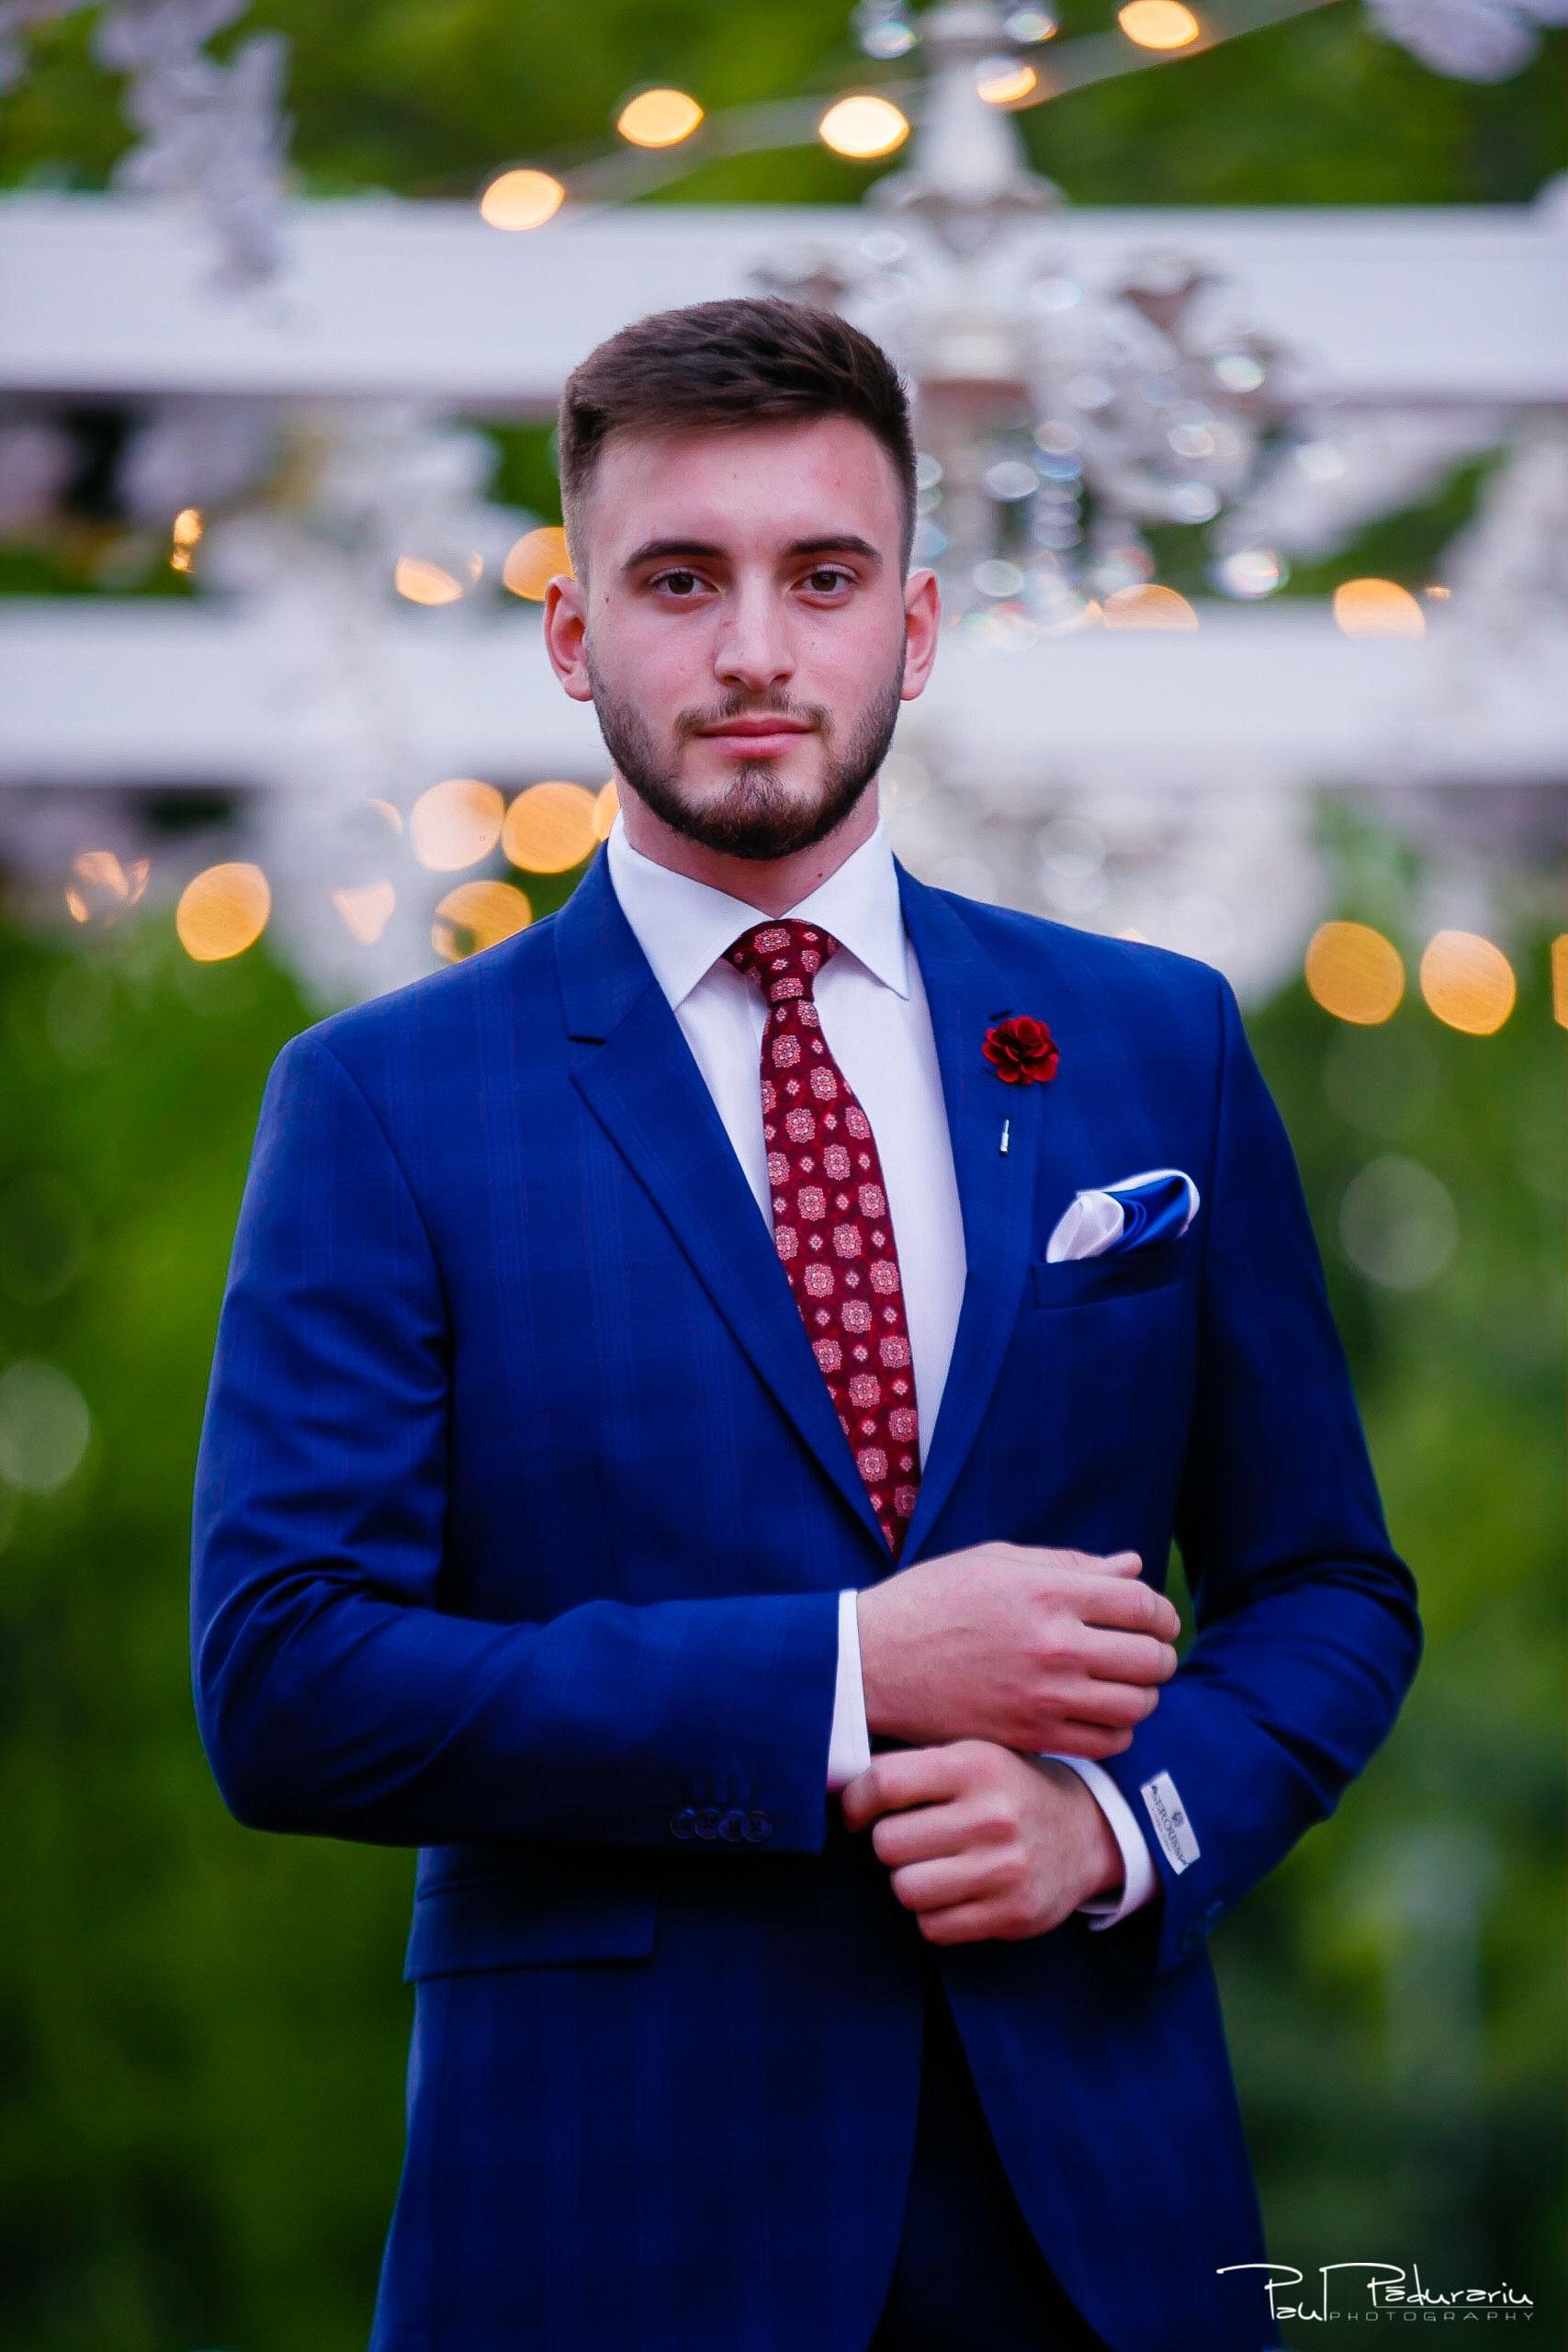 Nunta de proba Elysium Iasi 2019 paul padurariu fotograf nunta Iasi 67